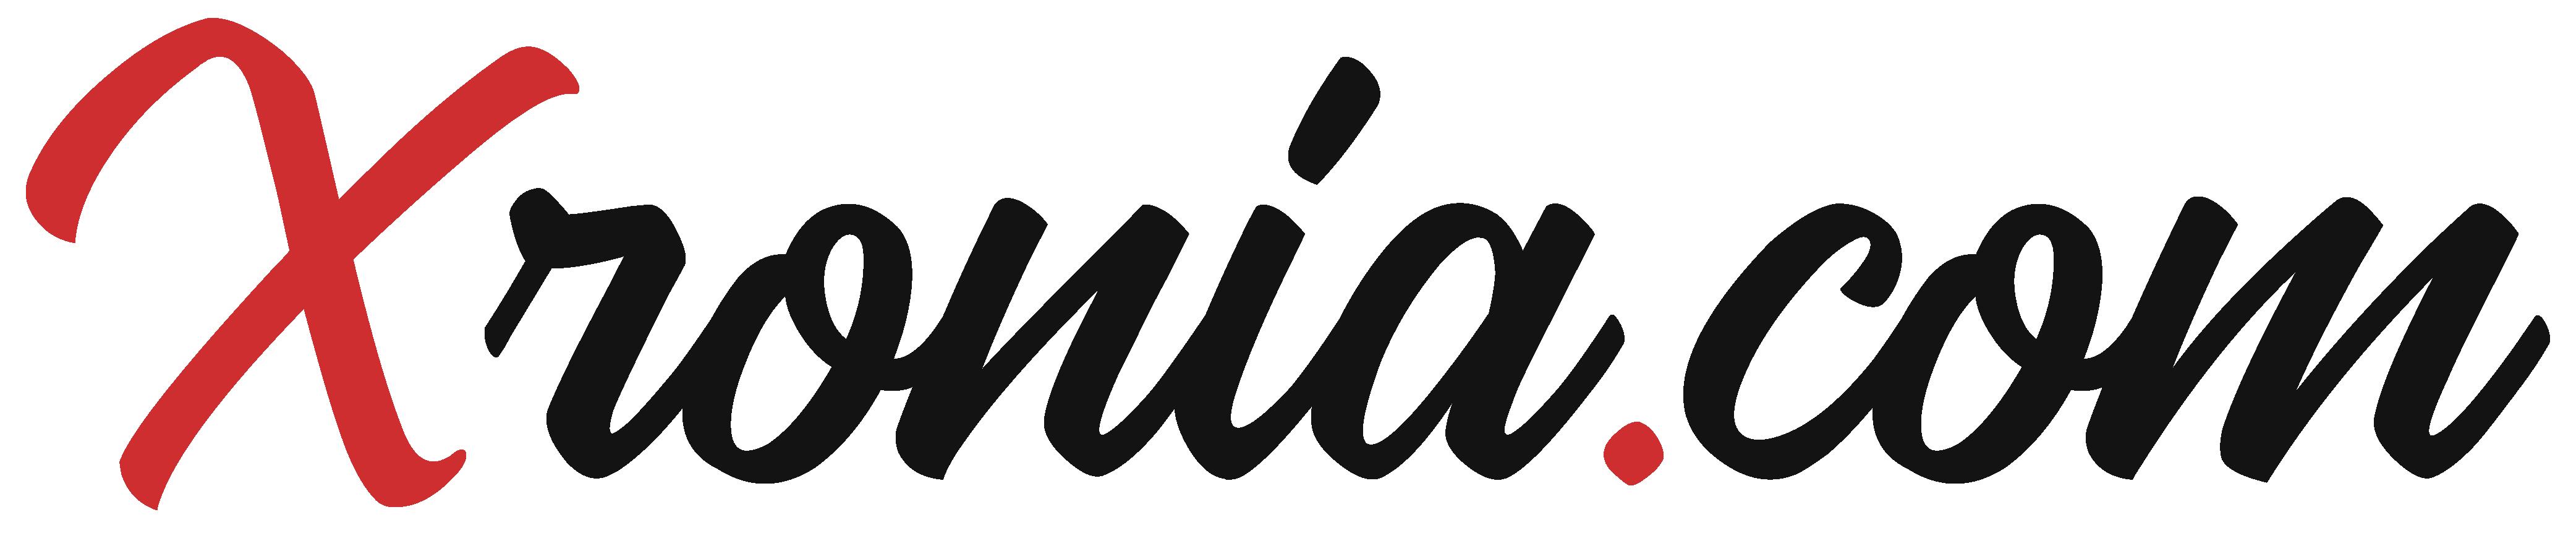 Xronia.com Logo